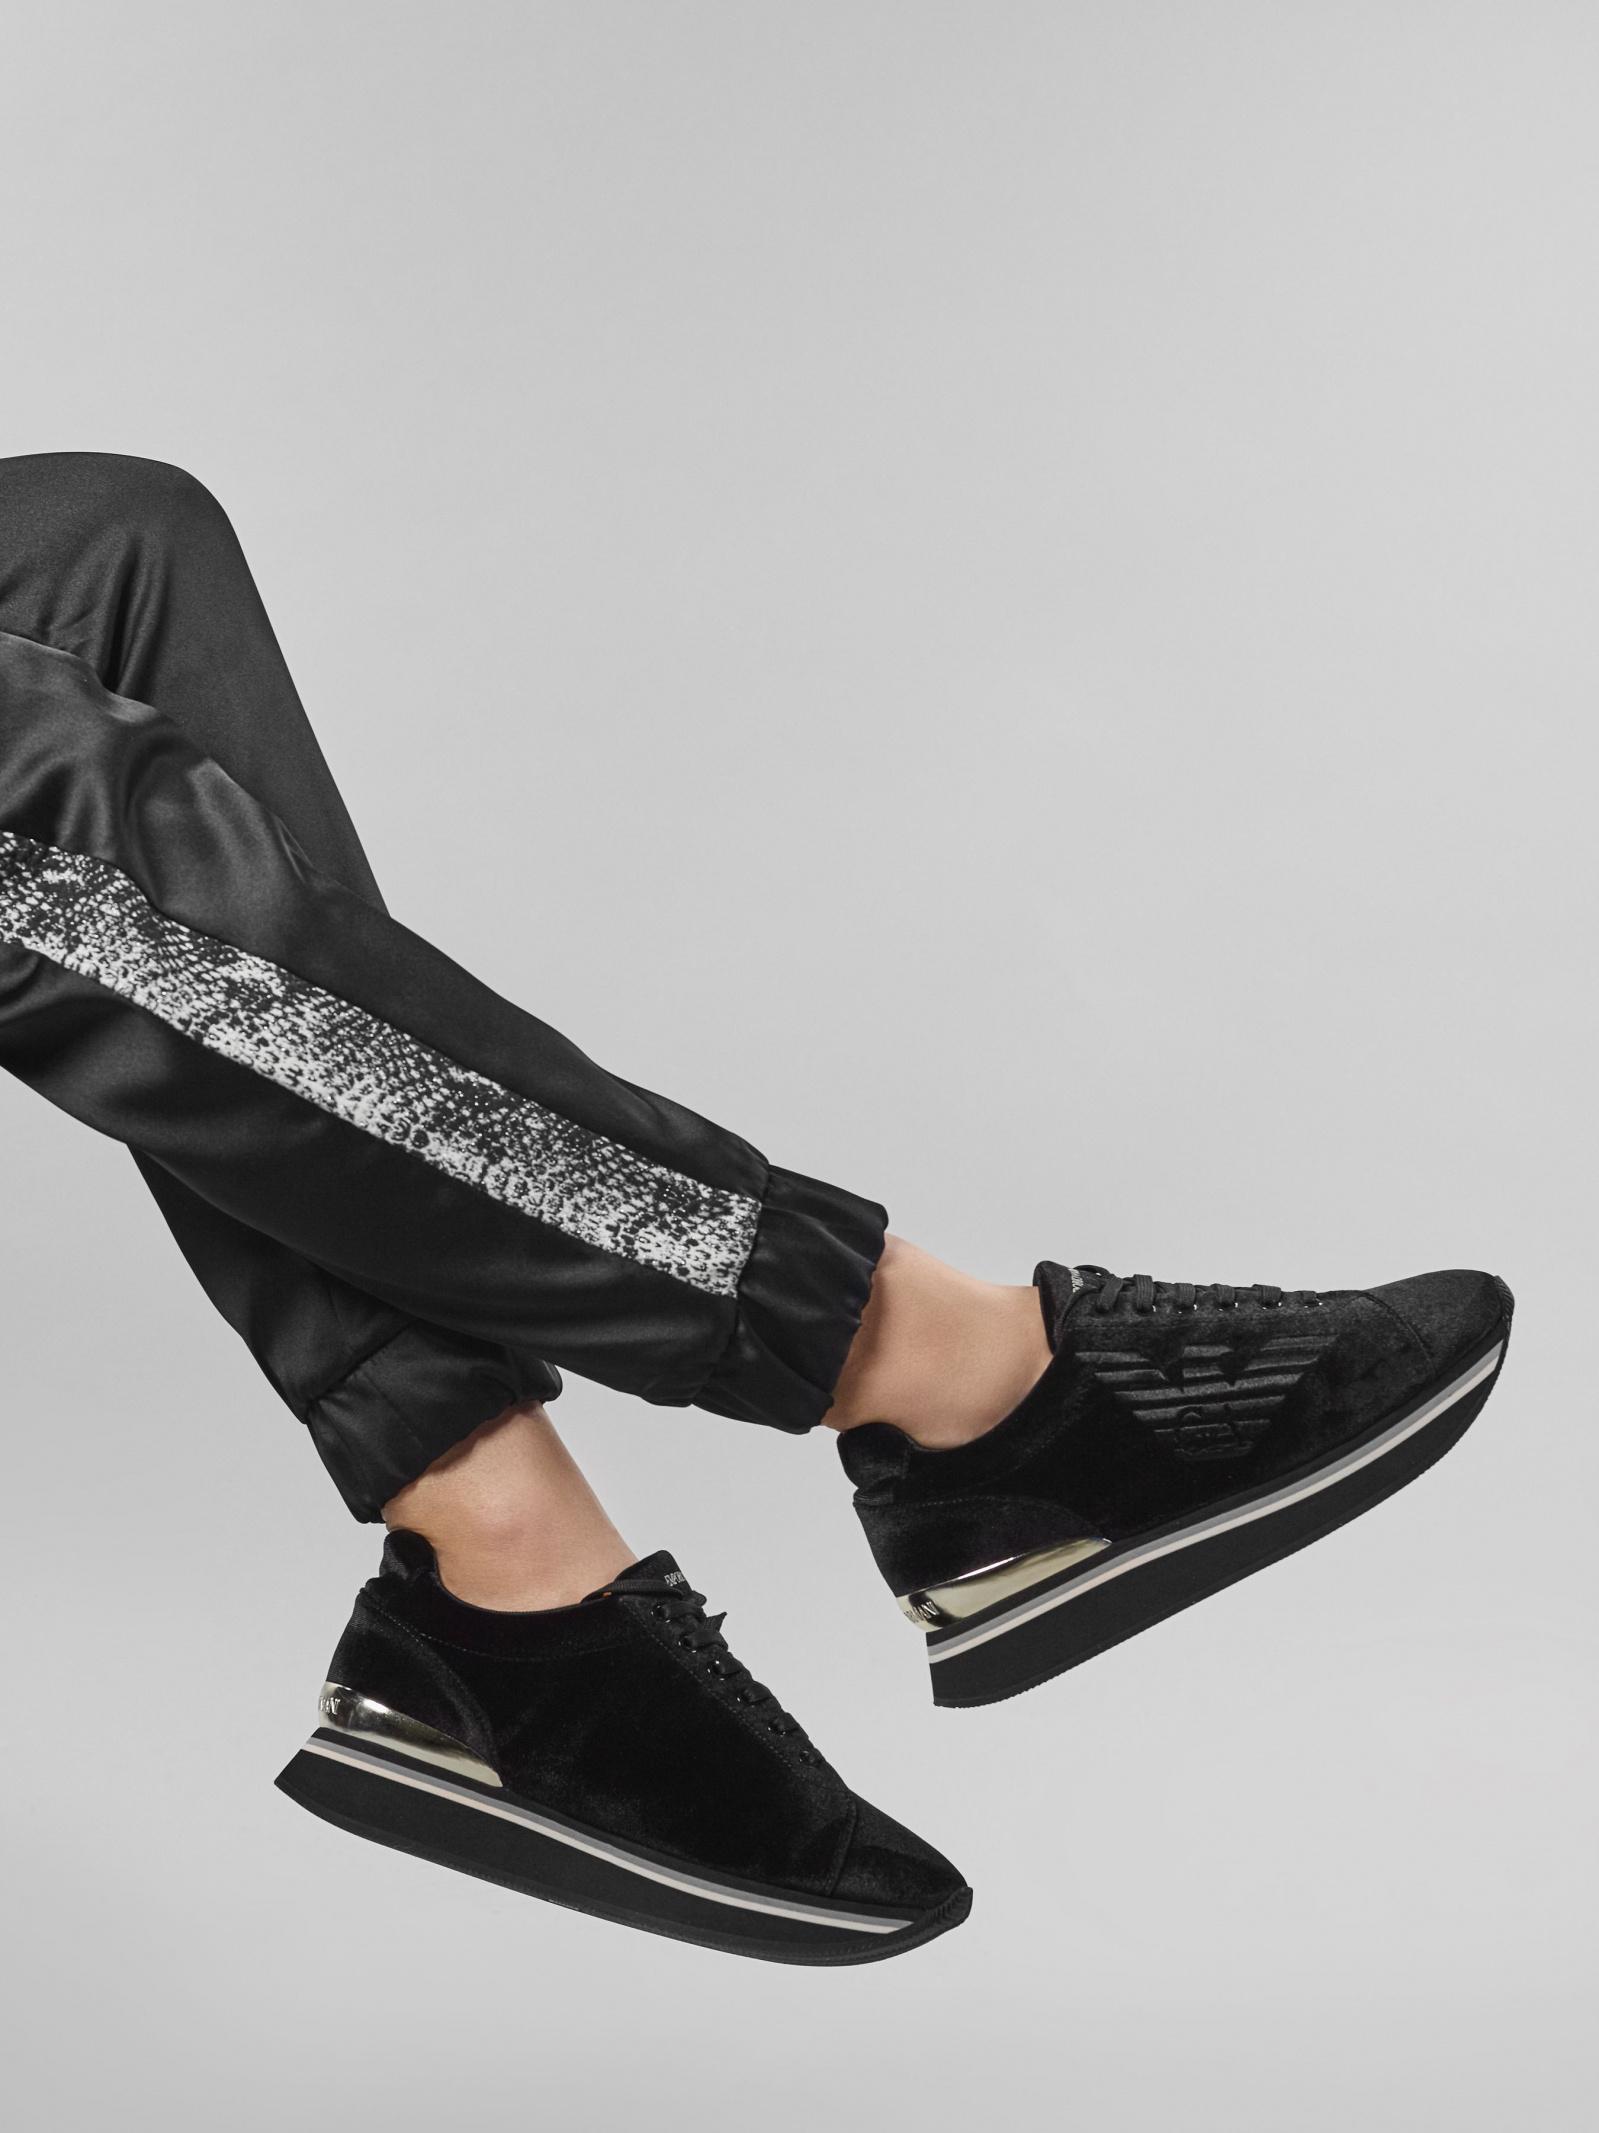 Кроссовки женские Emporio Armani 5R161 купить обувь, 2017